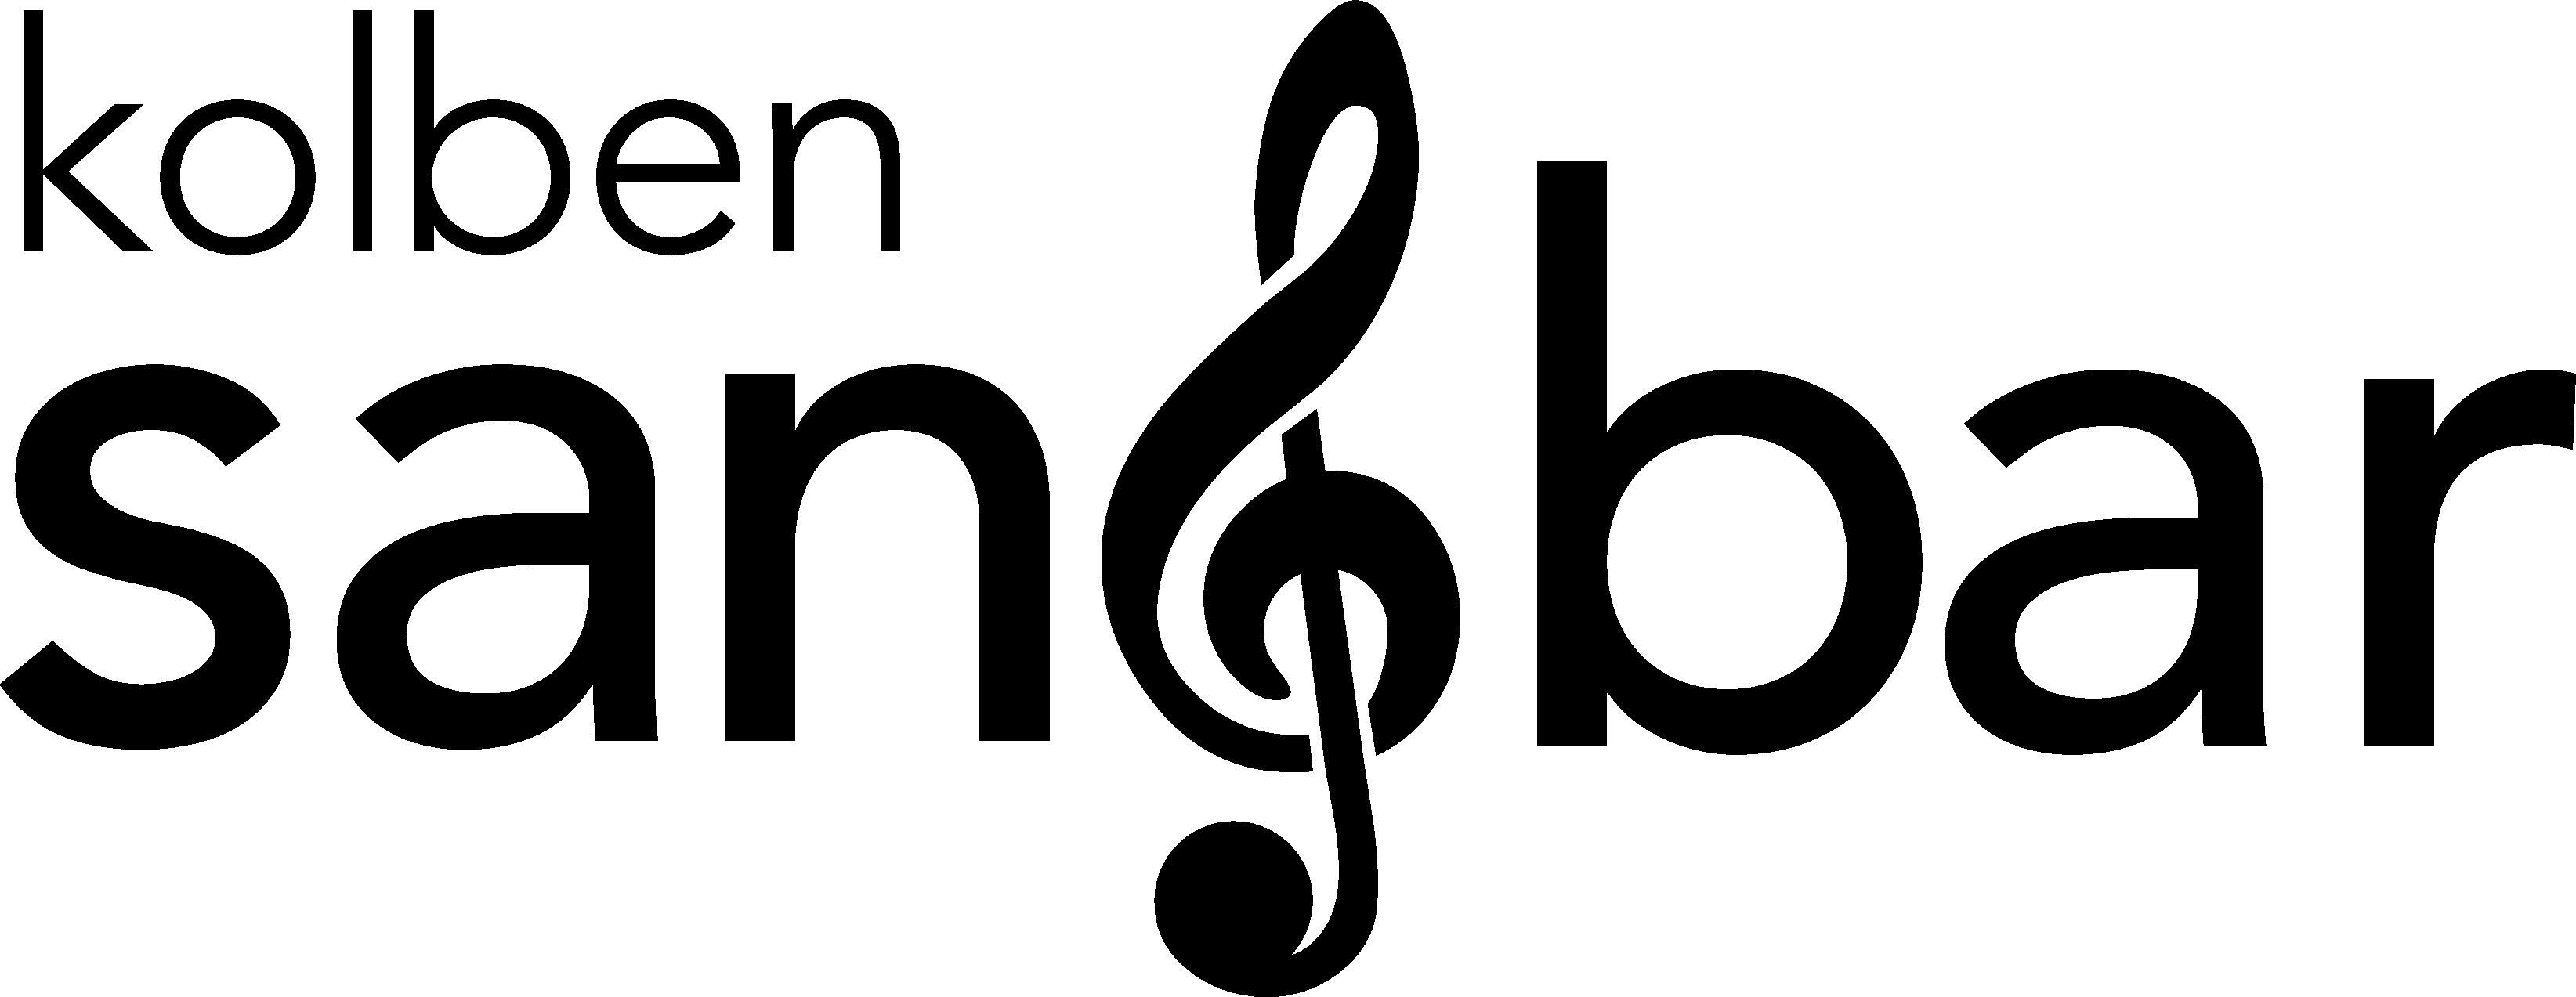 logo kolben sangbar.png